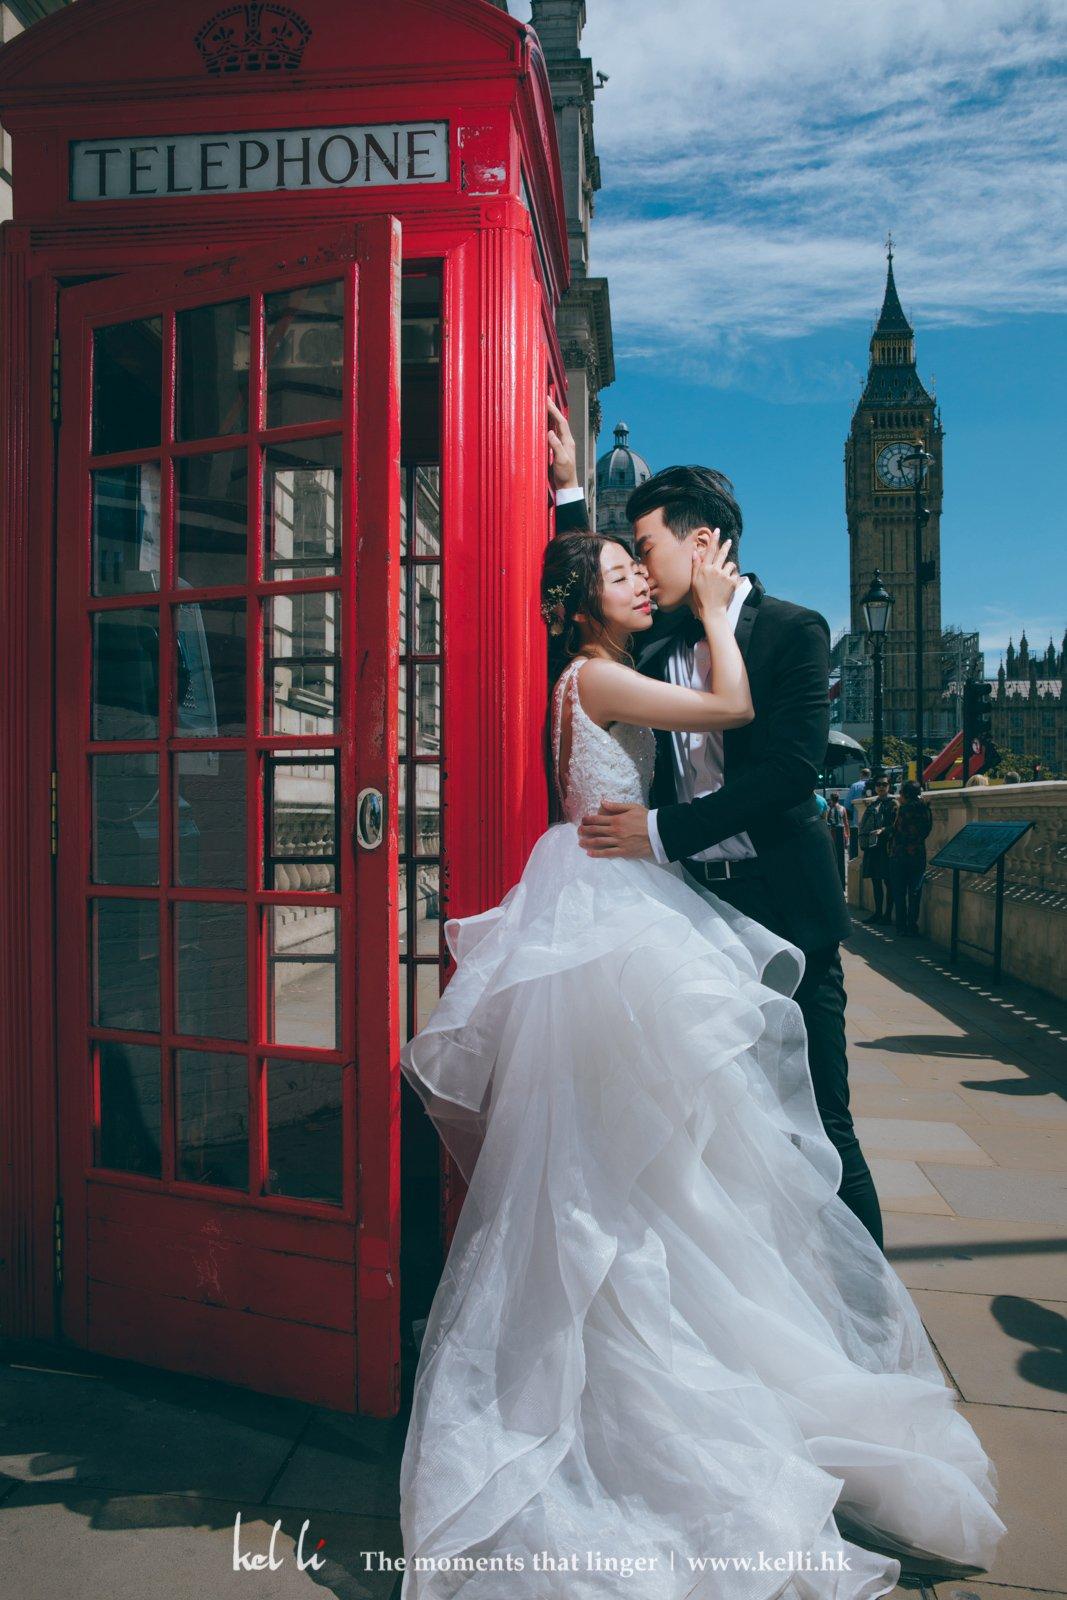 電話亭麻,也是London象徵